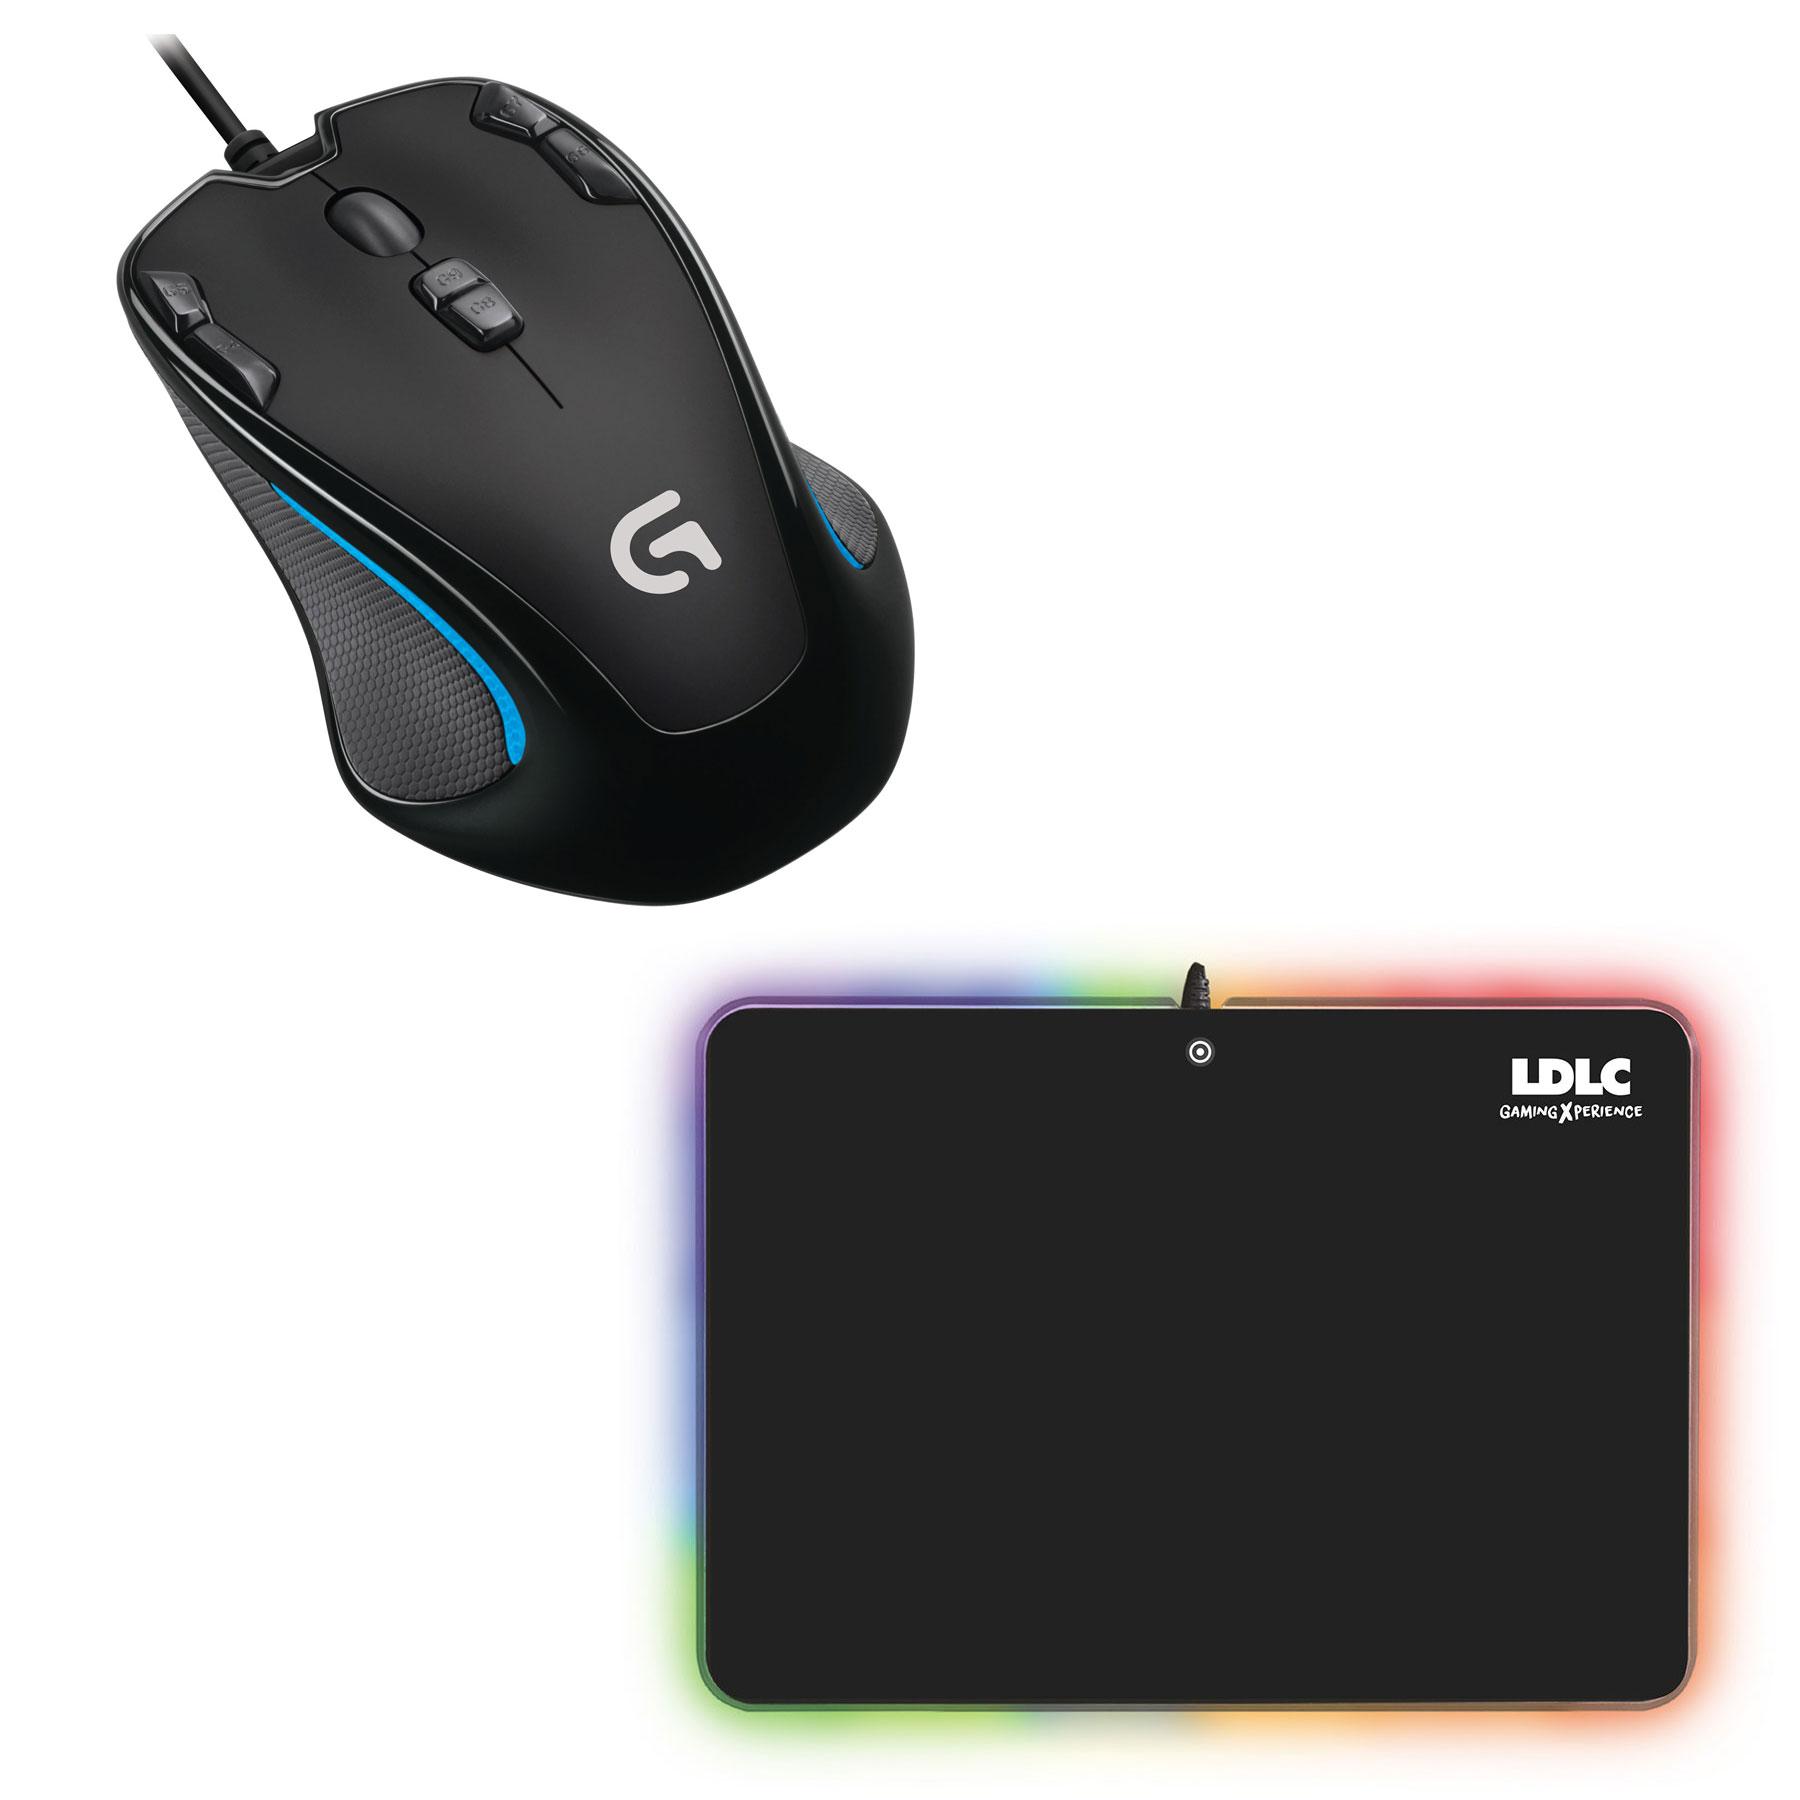 Souris PC Logitech Gaming Mouse G300s + LDLC RGB PAD Souris filaire pour gamer - droitier - capteur optique 2500 dpi - 9 boutons programmables + Tapis de souris rigide Gamer LED RGB - Taille M (358 x 256 mm) - USB